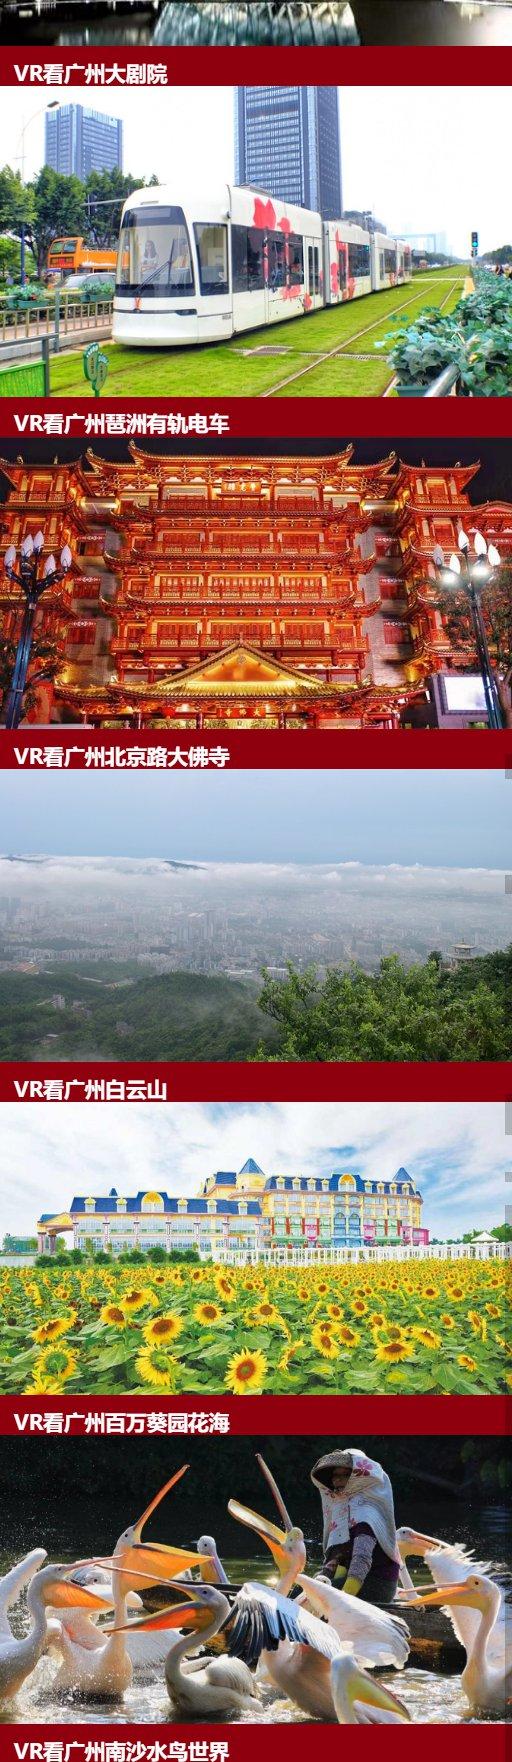 2021广府庙会VR直播有哪些内容?